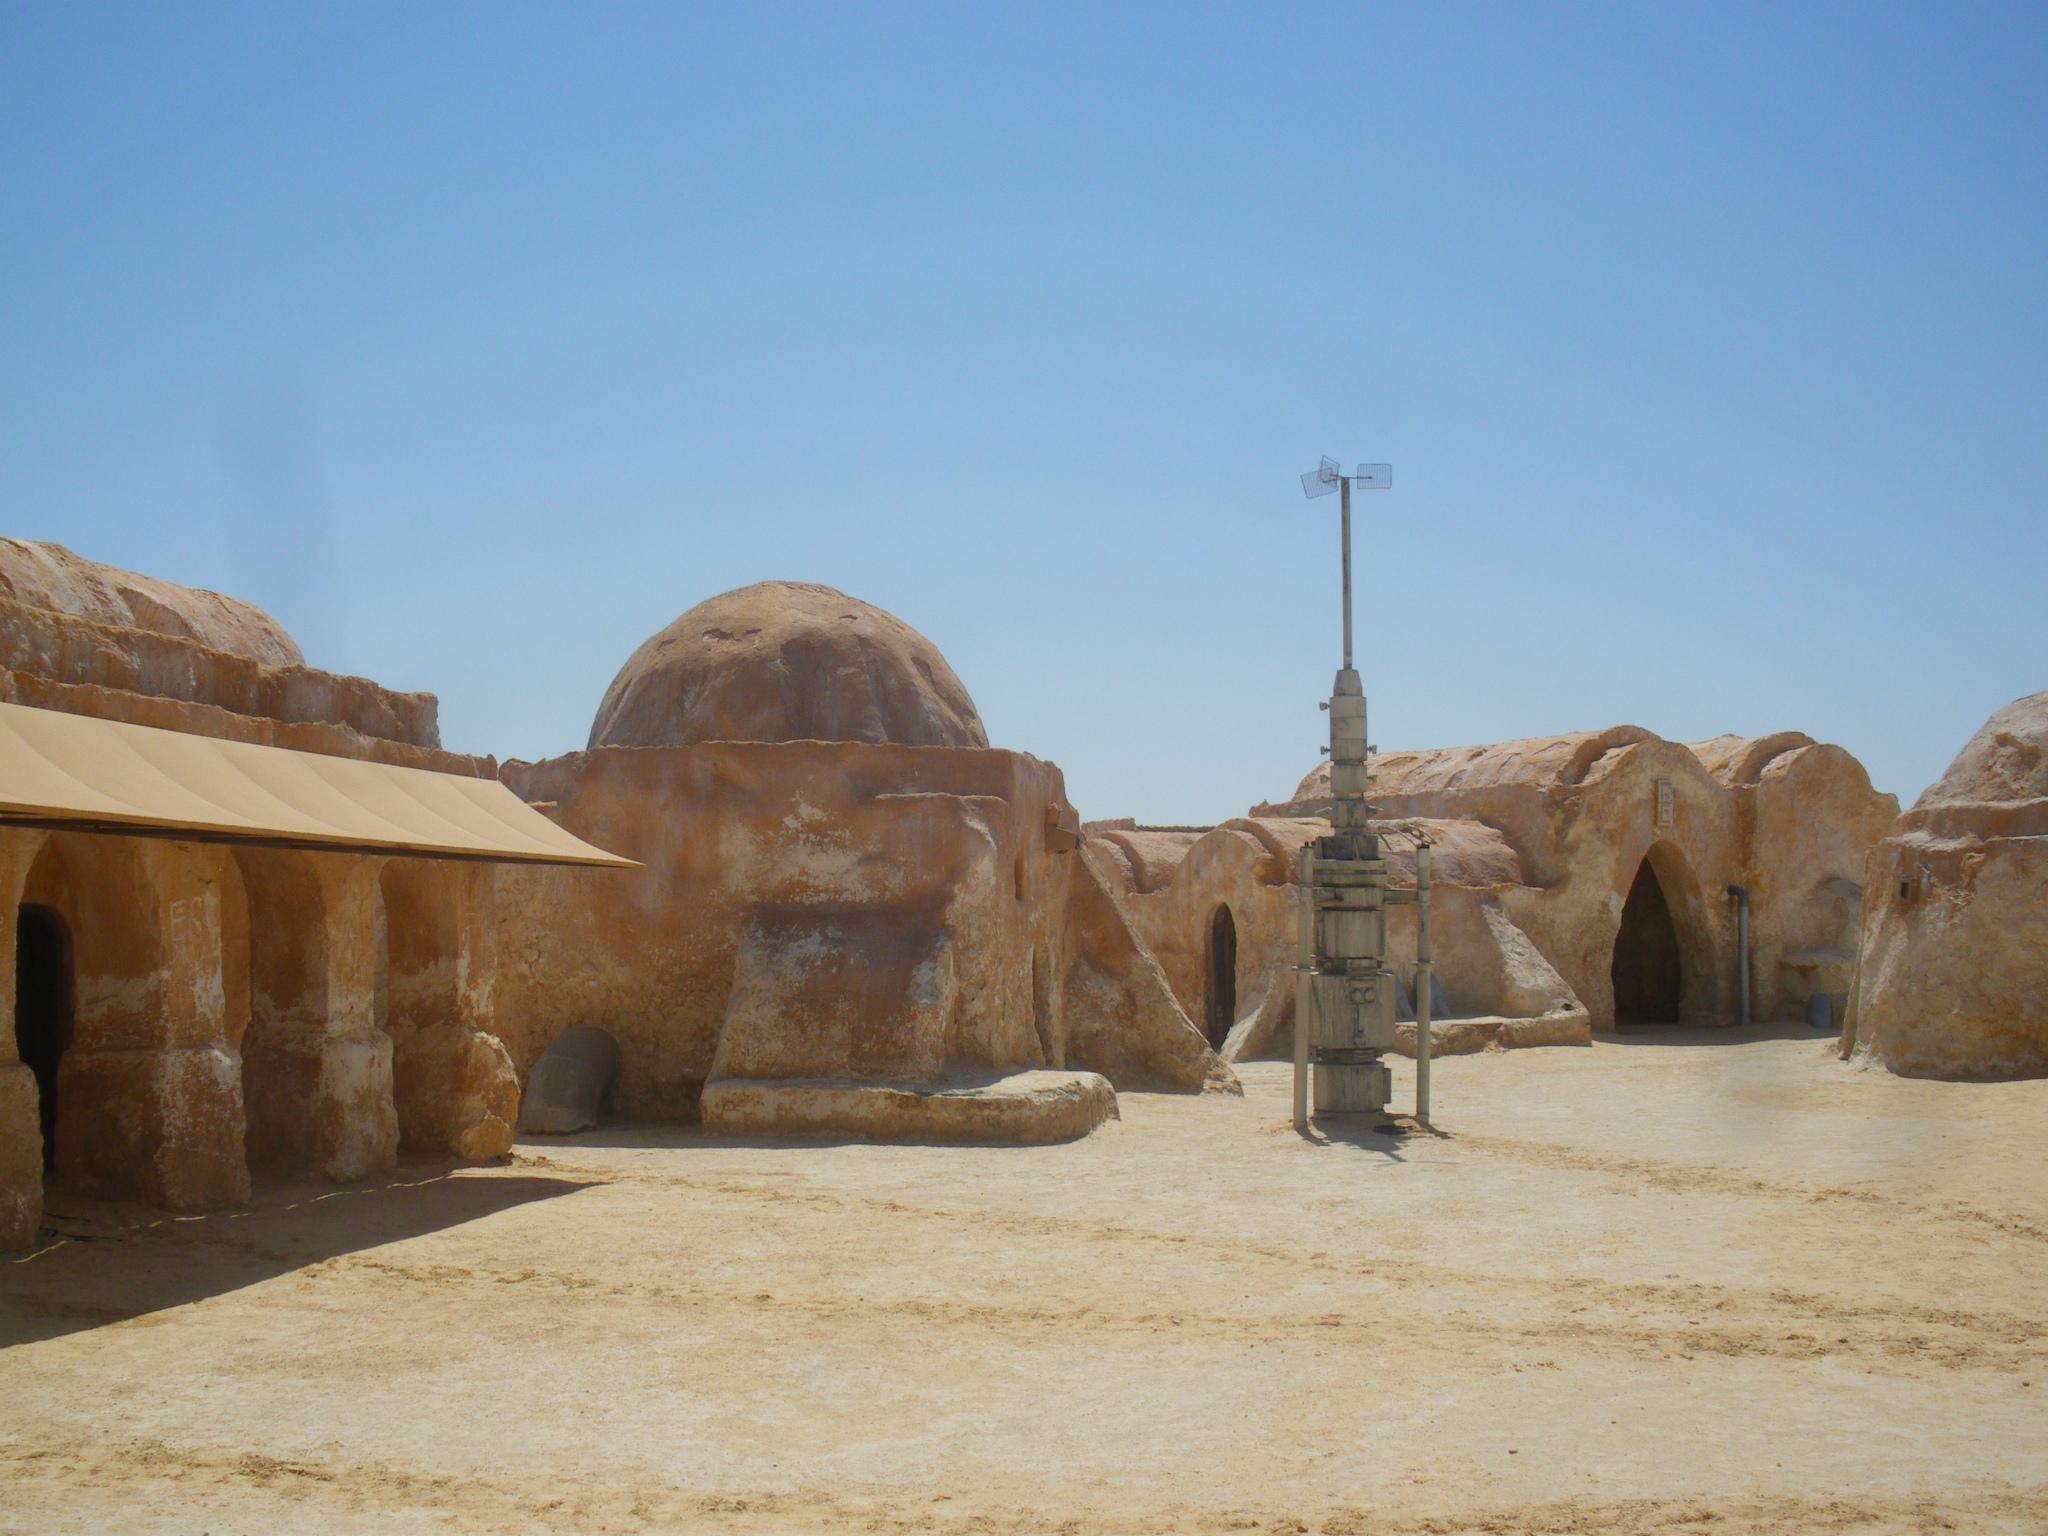 Star_Wars_Episode_One_Village_-_05